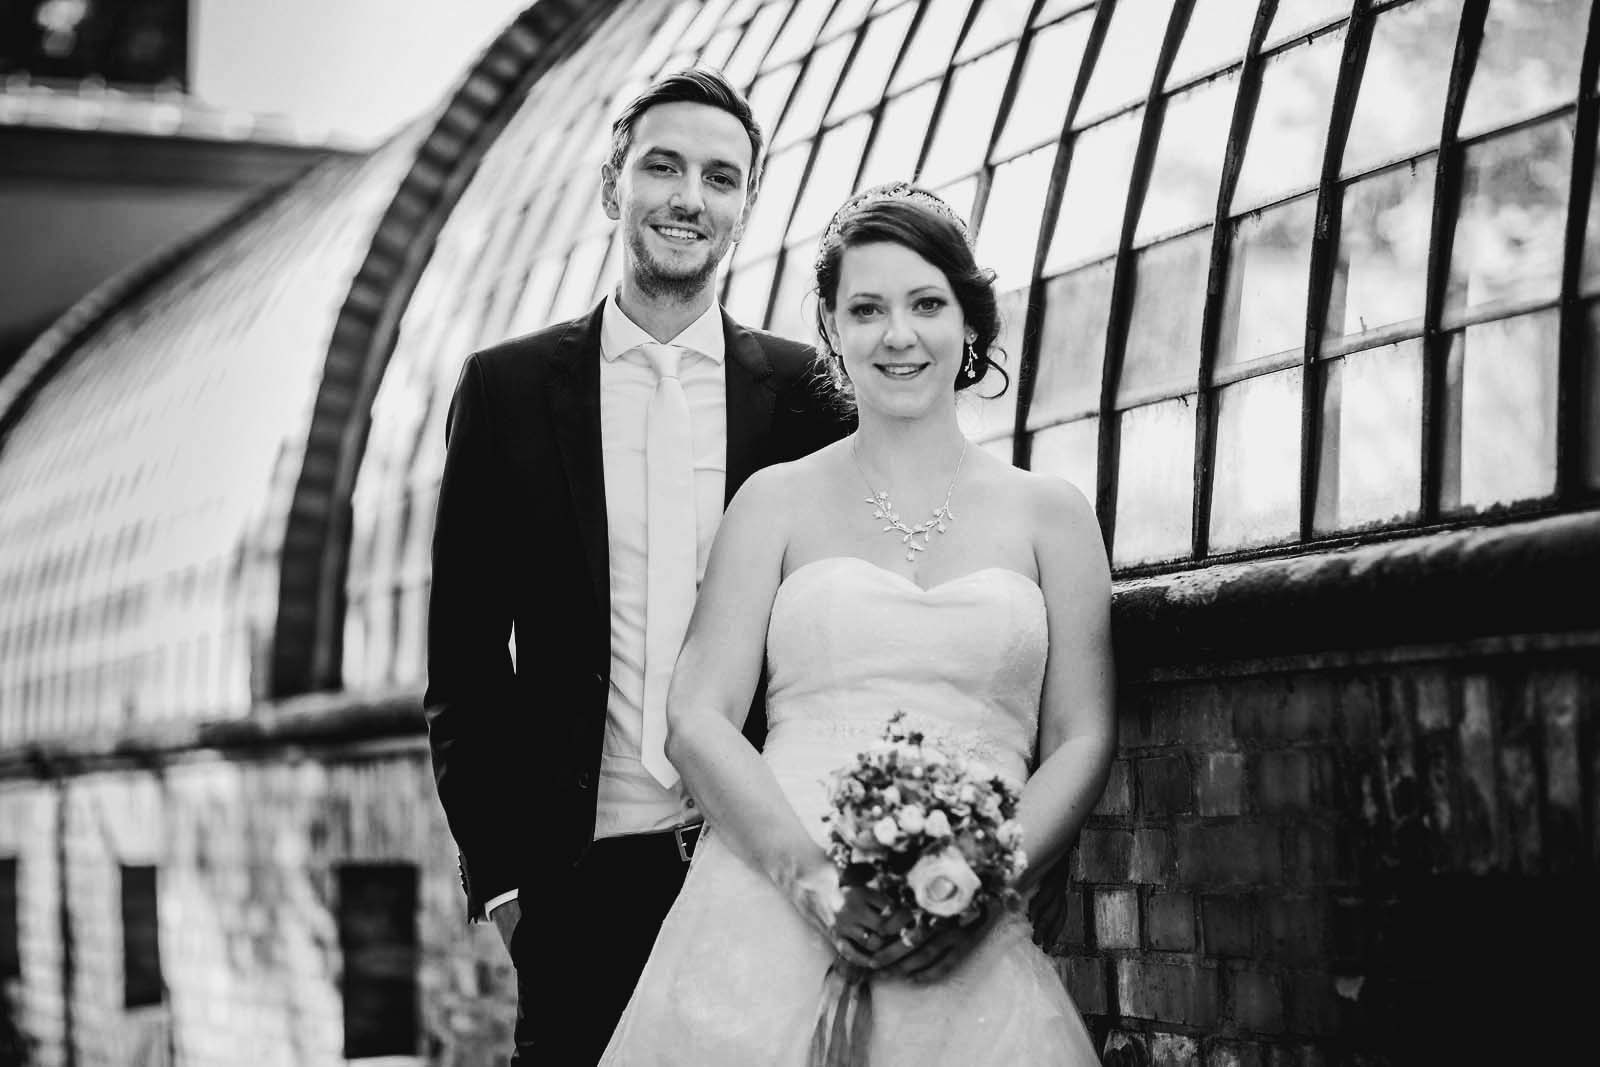 Hochzeitsfotograf am Schloss Glienicke mit Brautpaar beim Fotoshooting Copyright by Hochzeitsfotograf www.berliner-hochzeitsfotografie.de